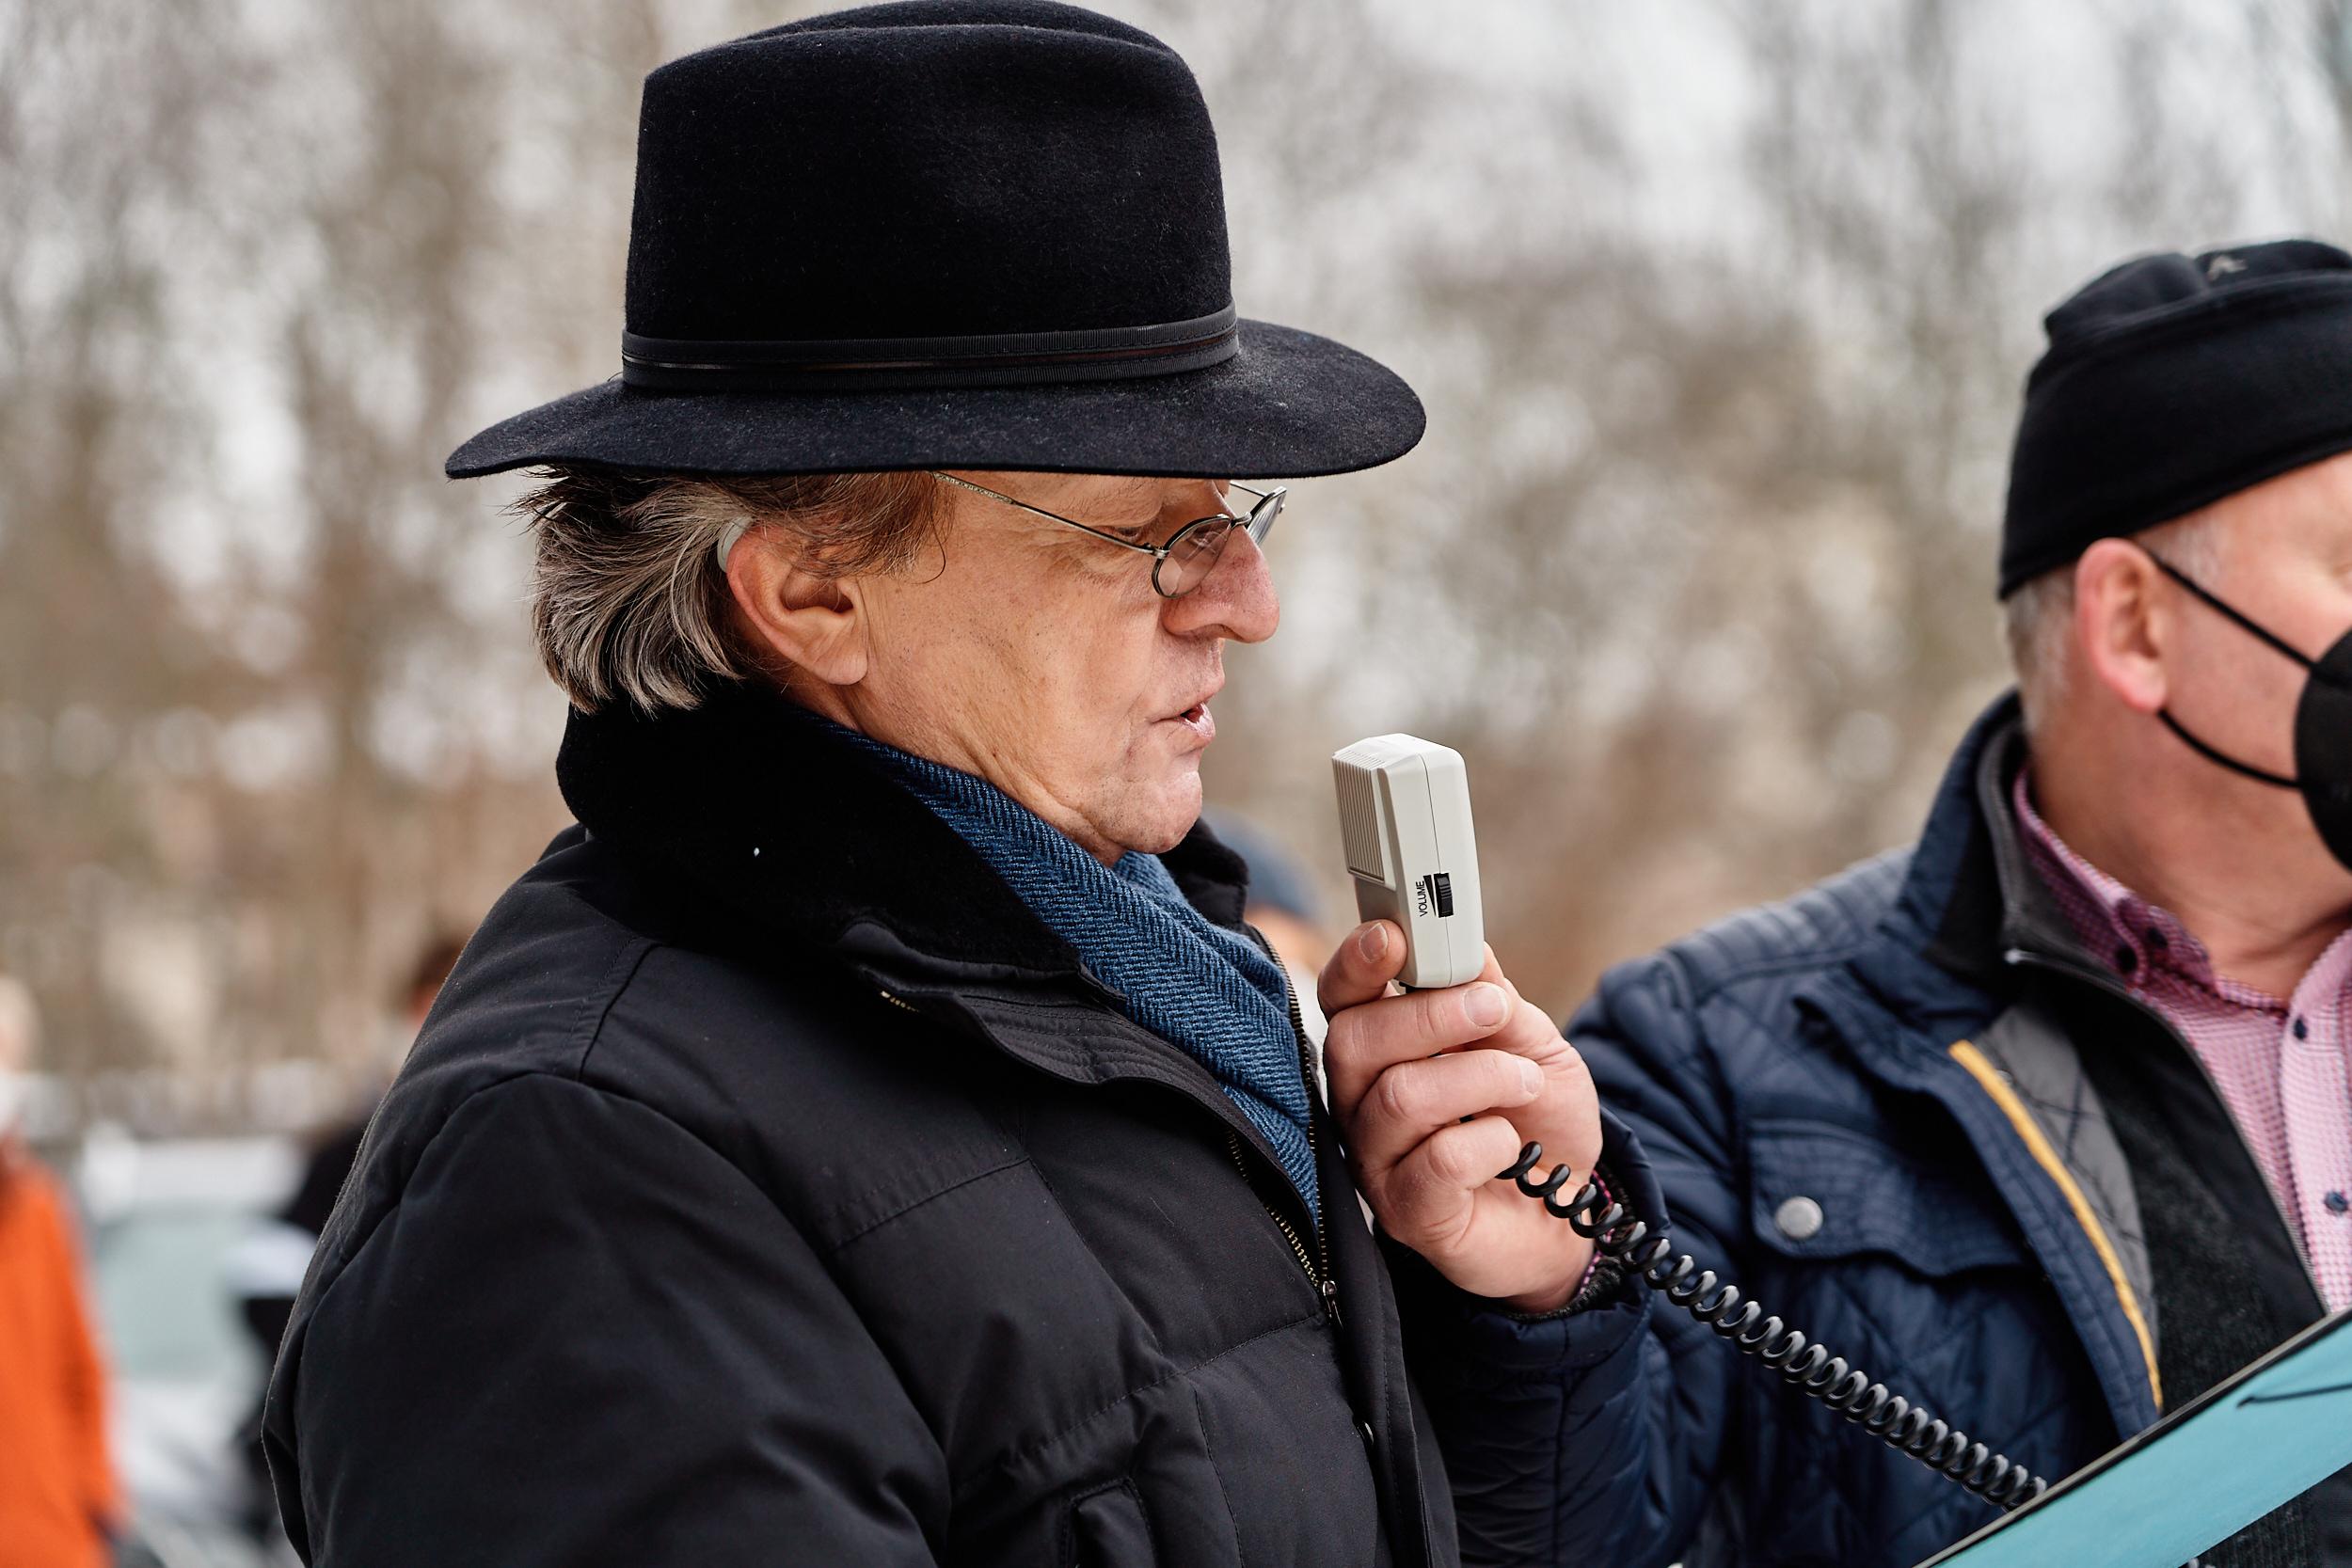 Ein Mann mit schwarzem Hut spricht während einer Kundgebung